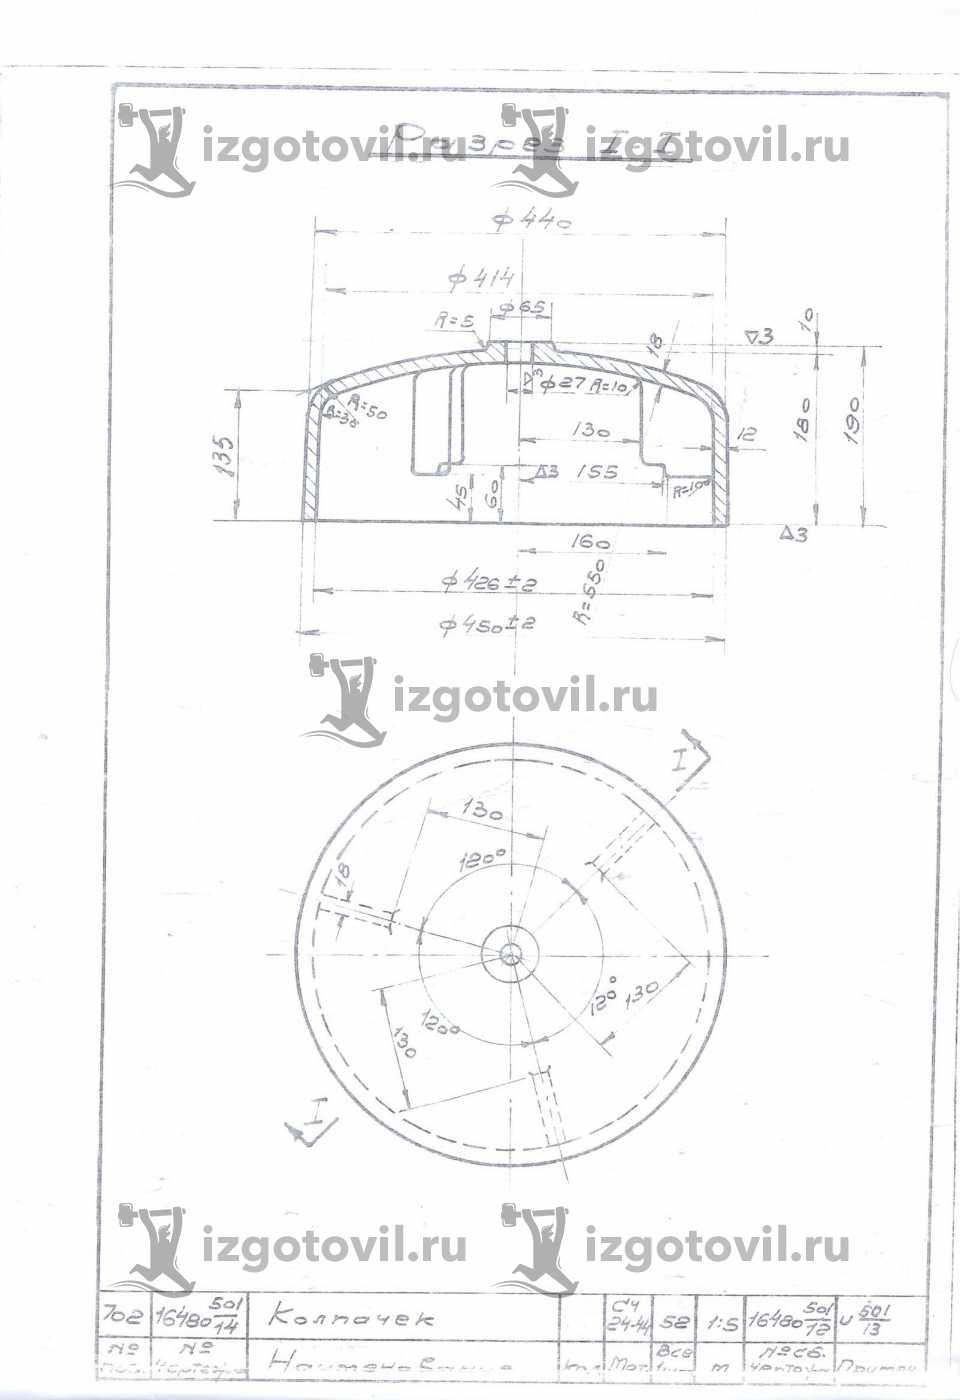 Литейное производство - изготовить решетки